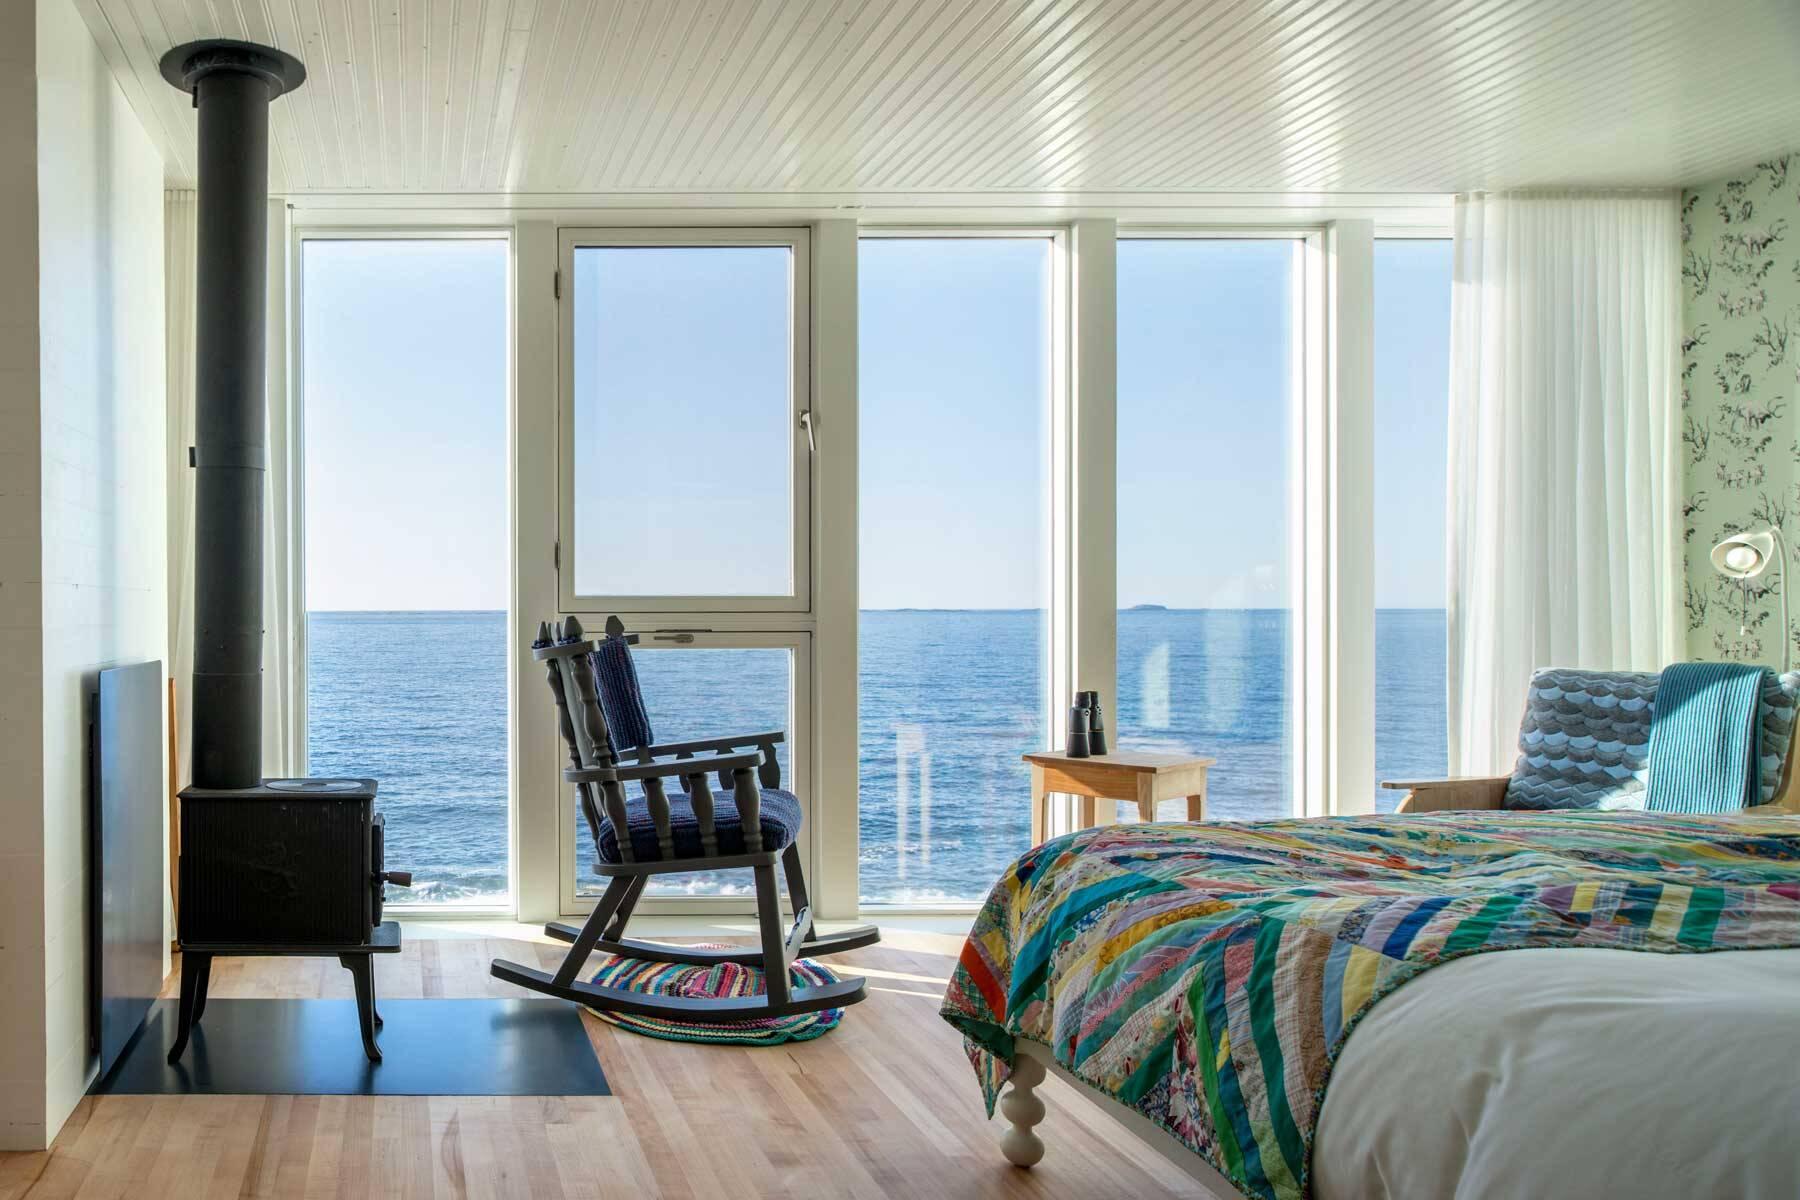 Saiba quais são os 10 melhores hotéis de luxo do mundo em 2020